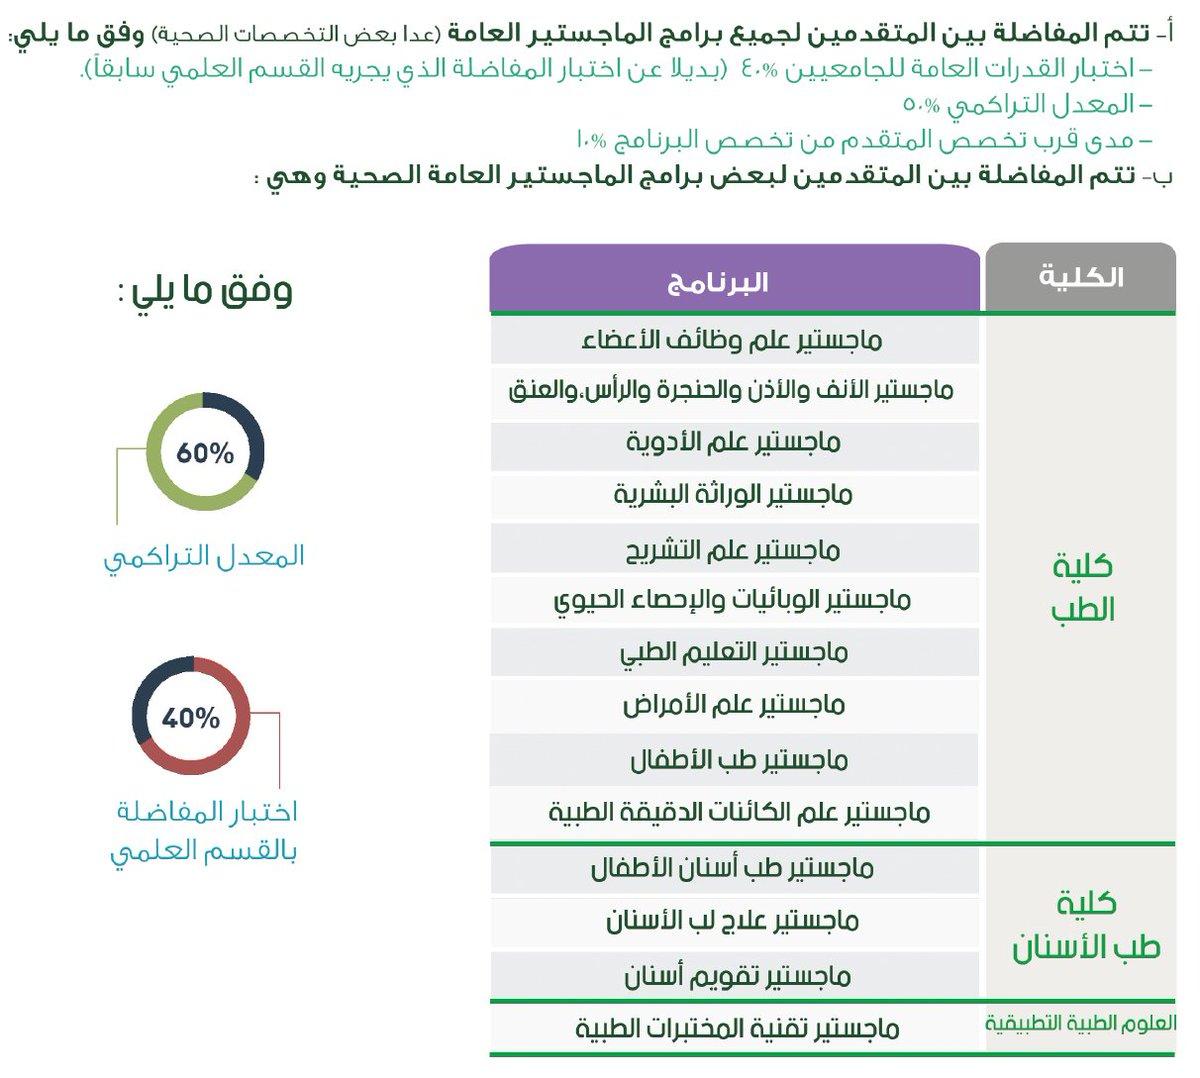 جامعة ام القرى اقل نسبة تقبلها جامعة أم القرى 1441